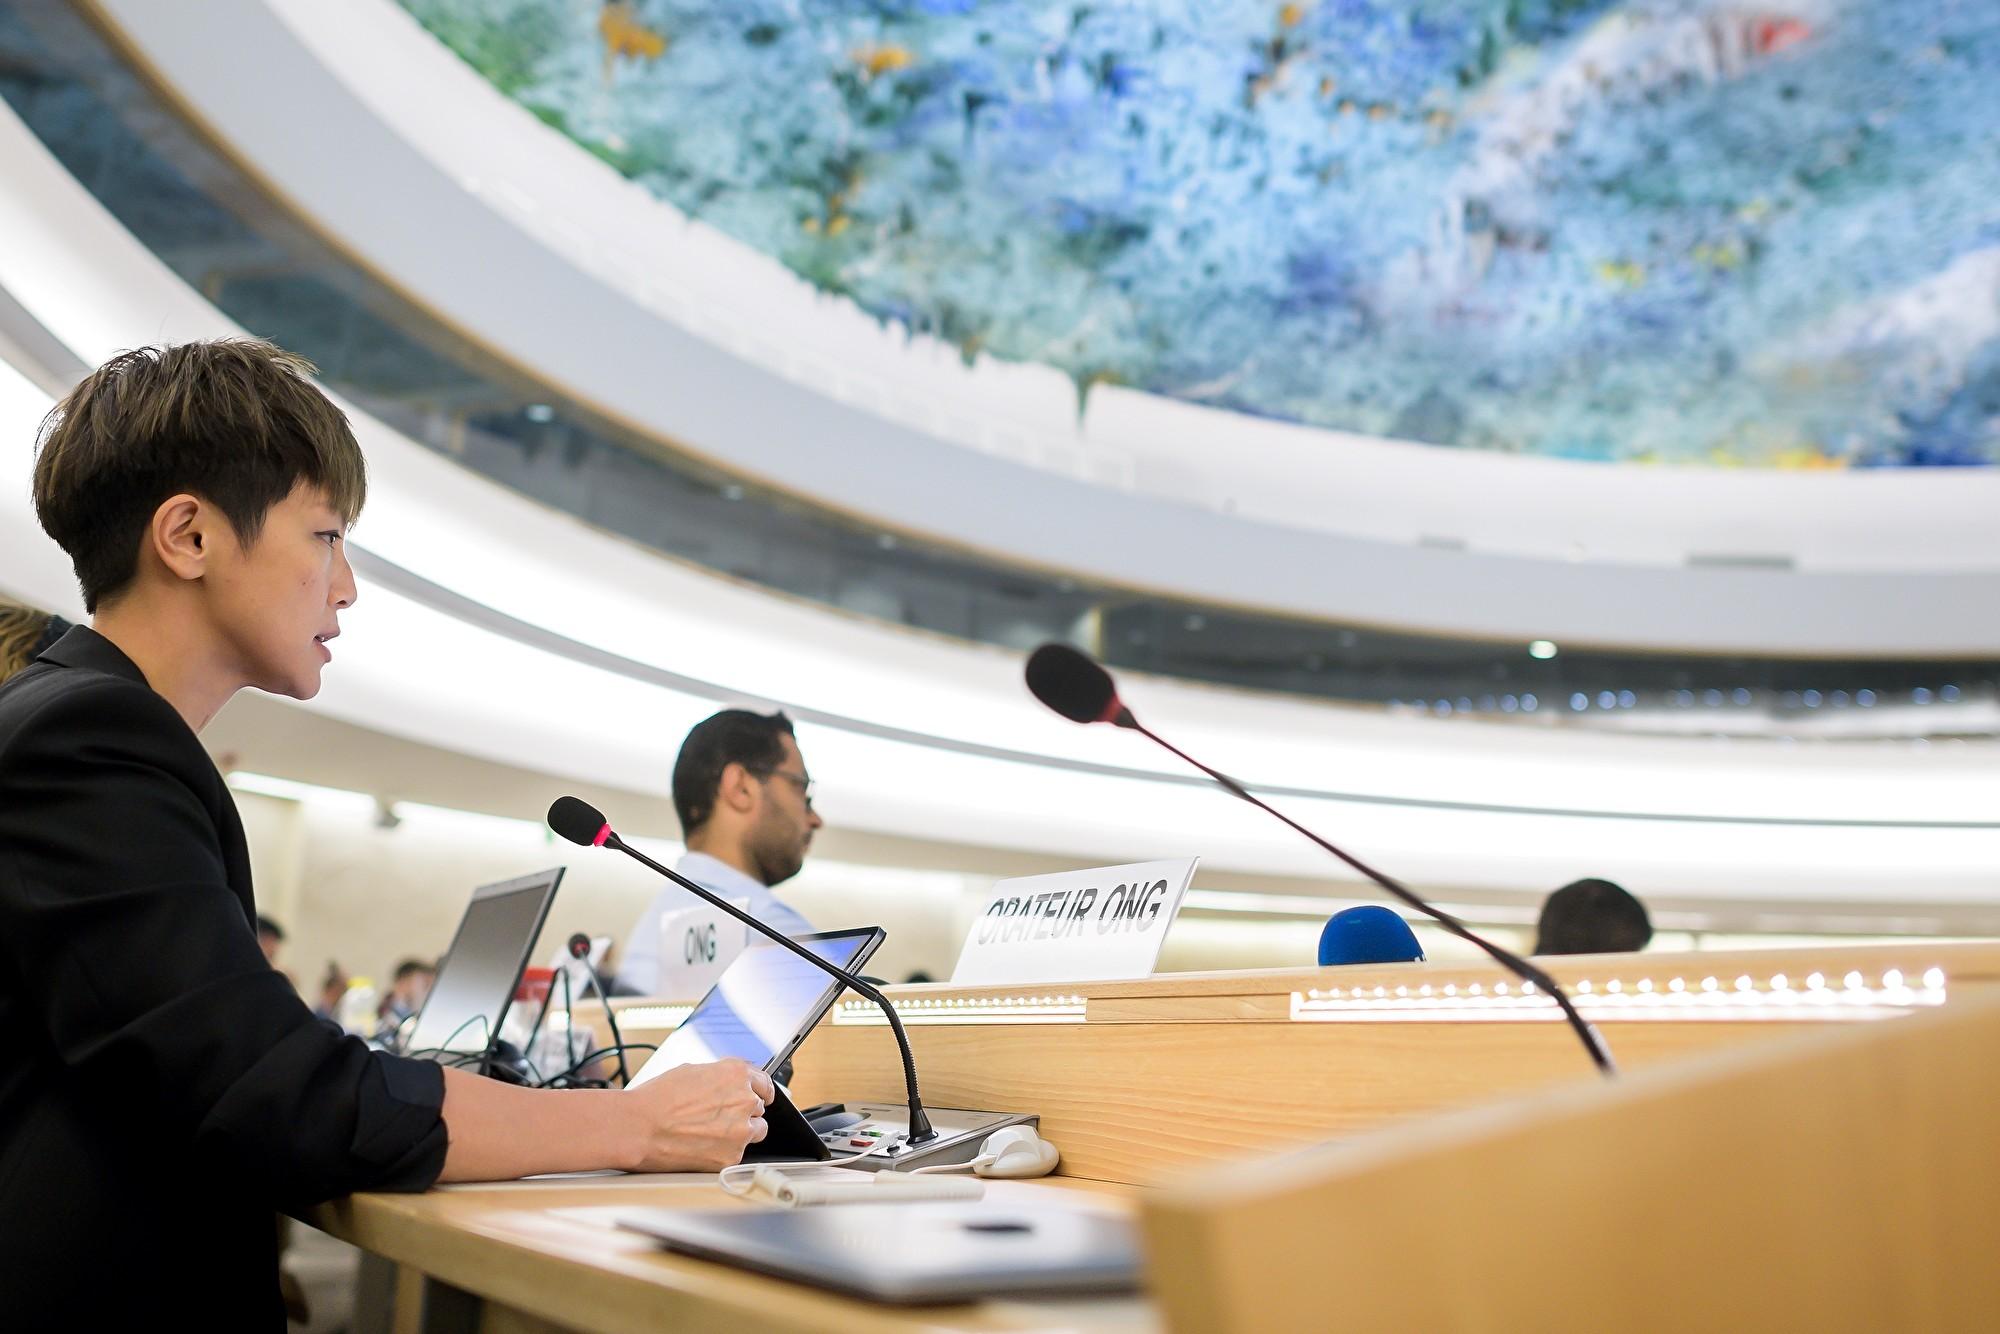 何韻詩UN反送中 籲把中共趕出人權理事會